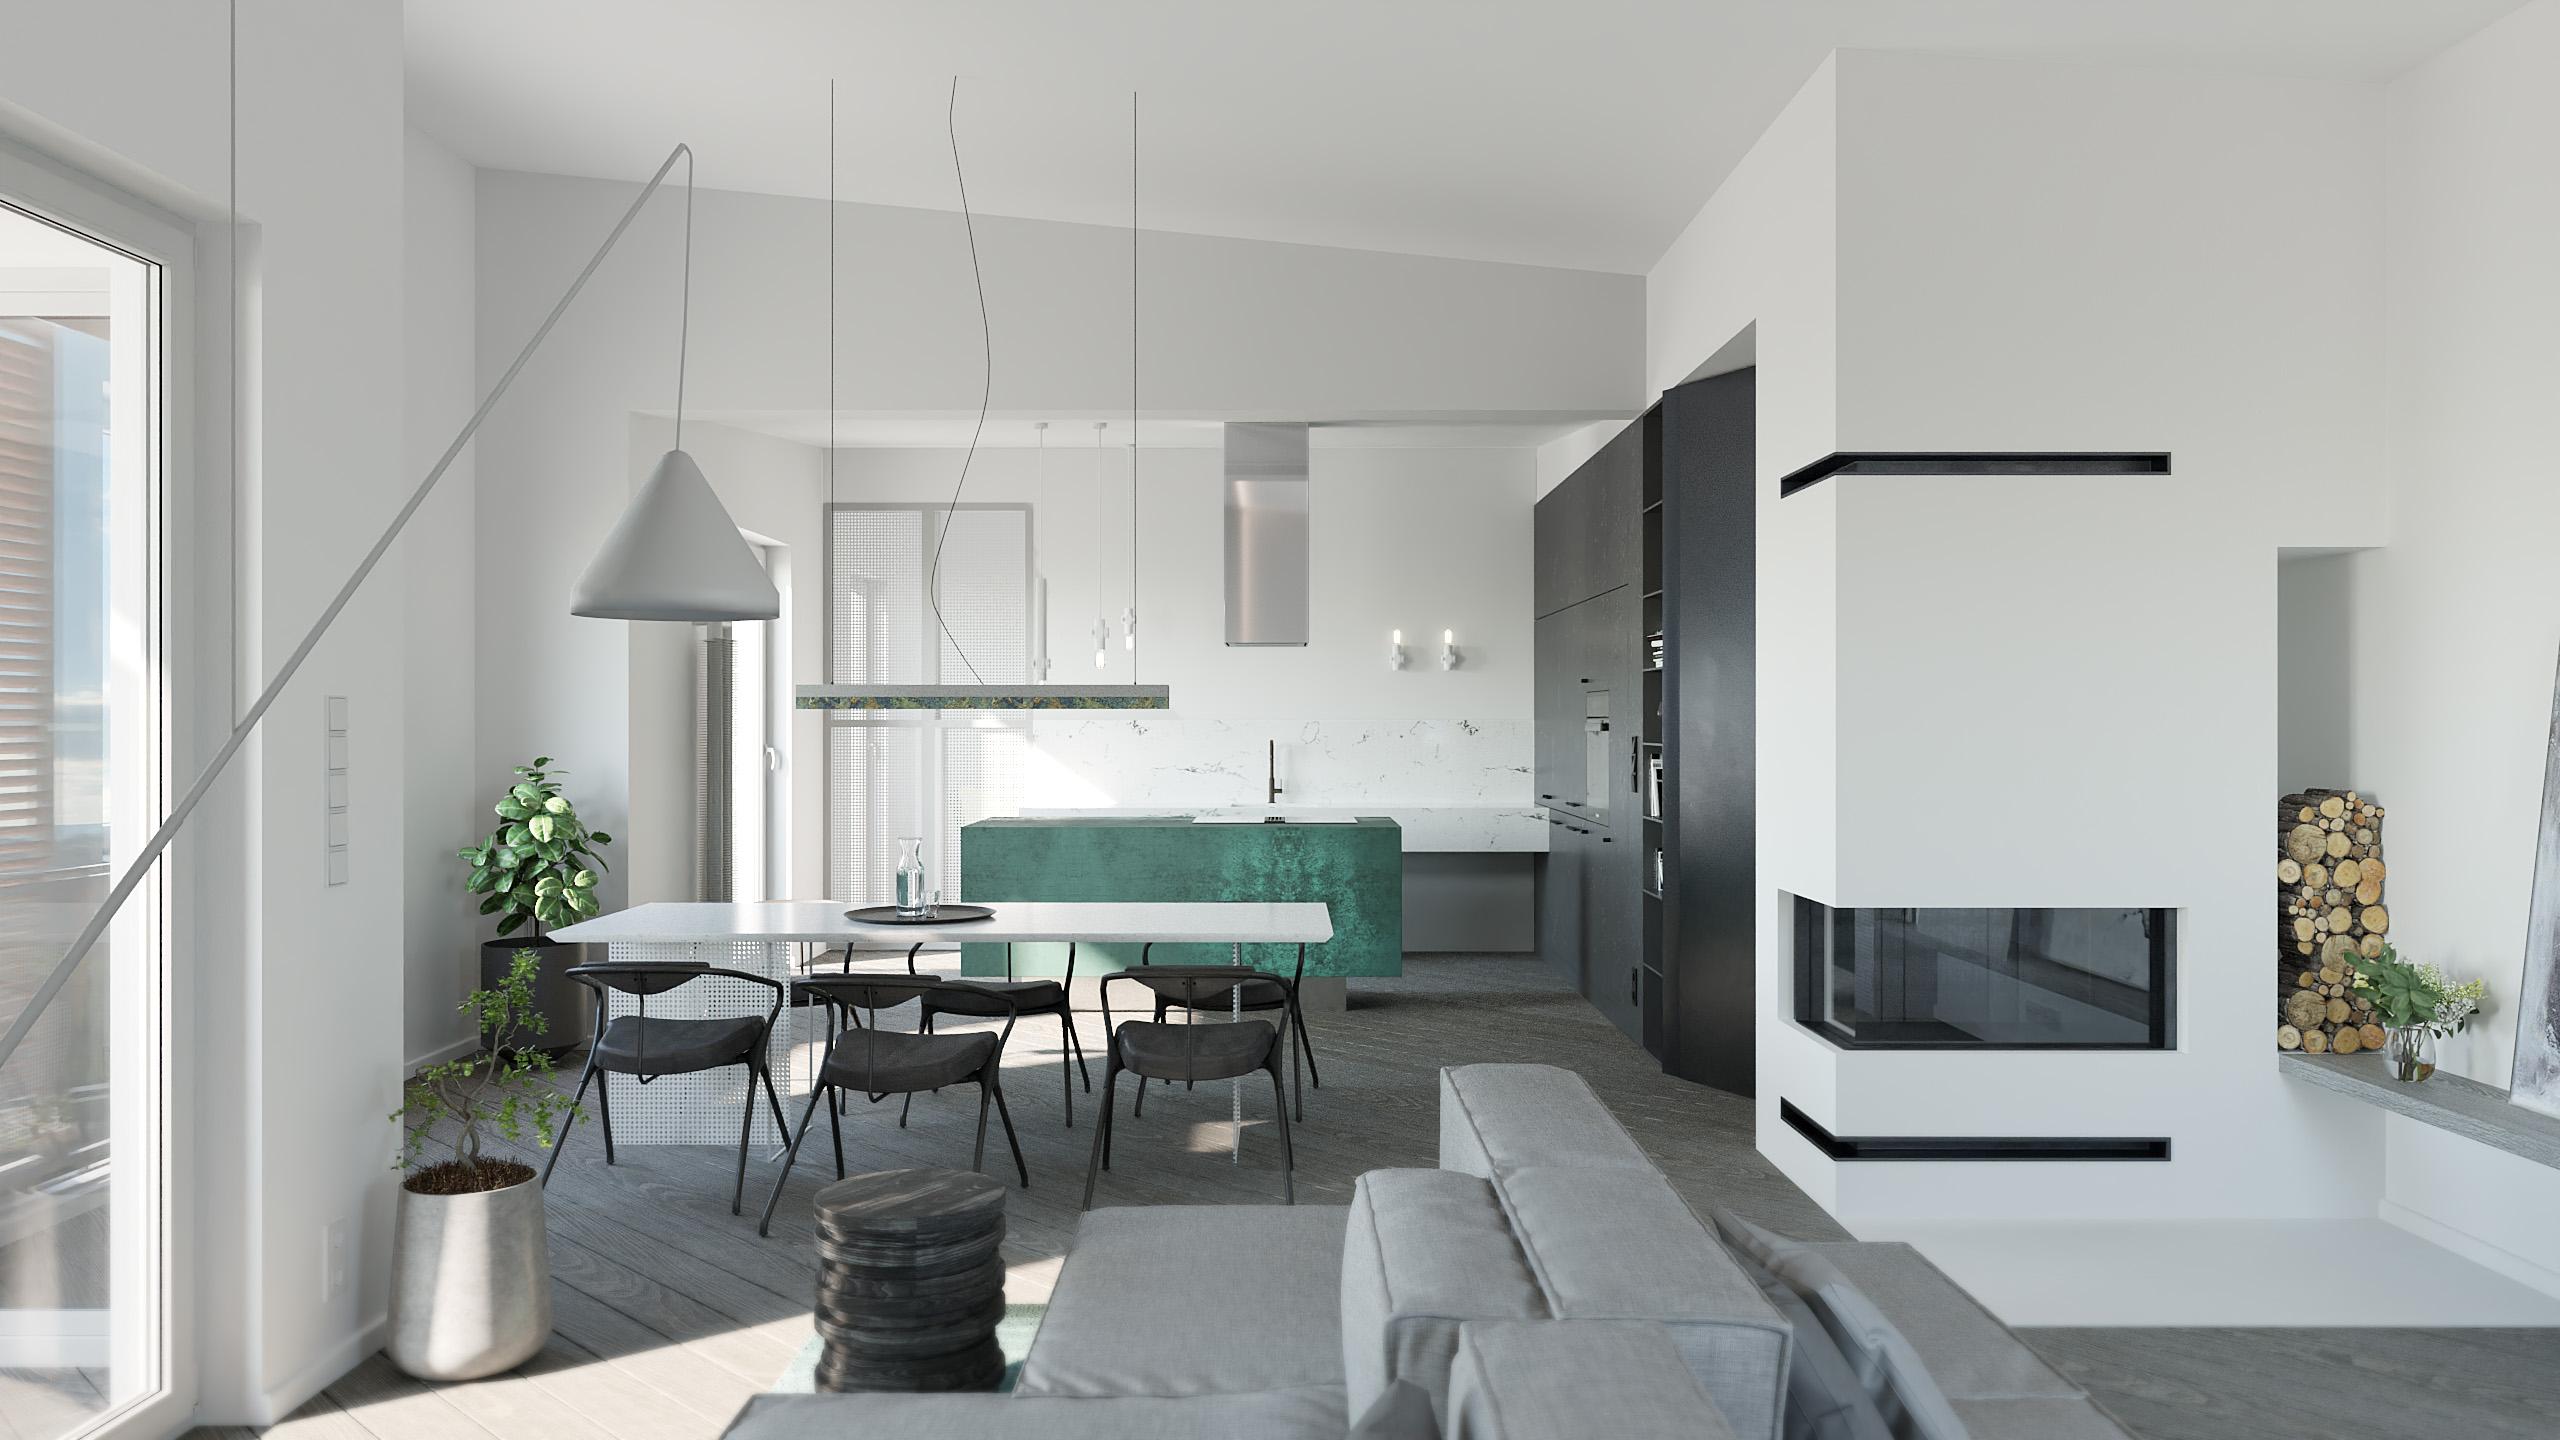 SMLXL - Vratislavice - rekonstrukce bytu